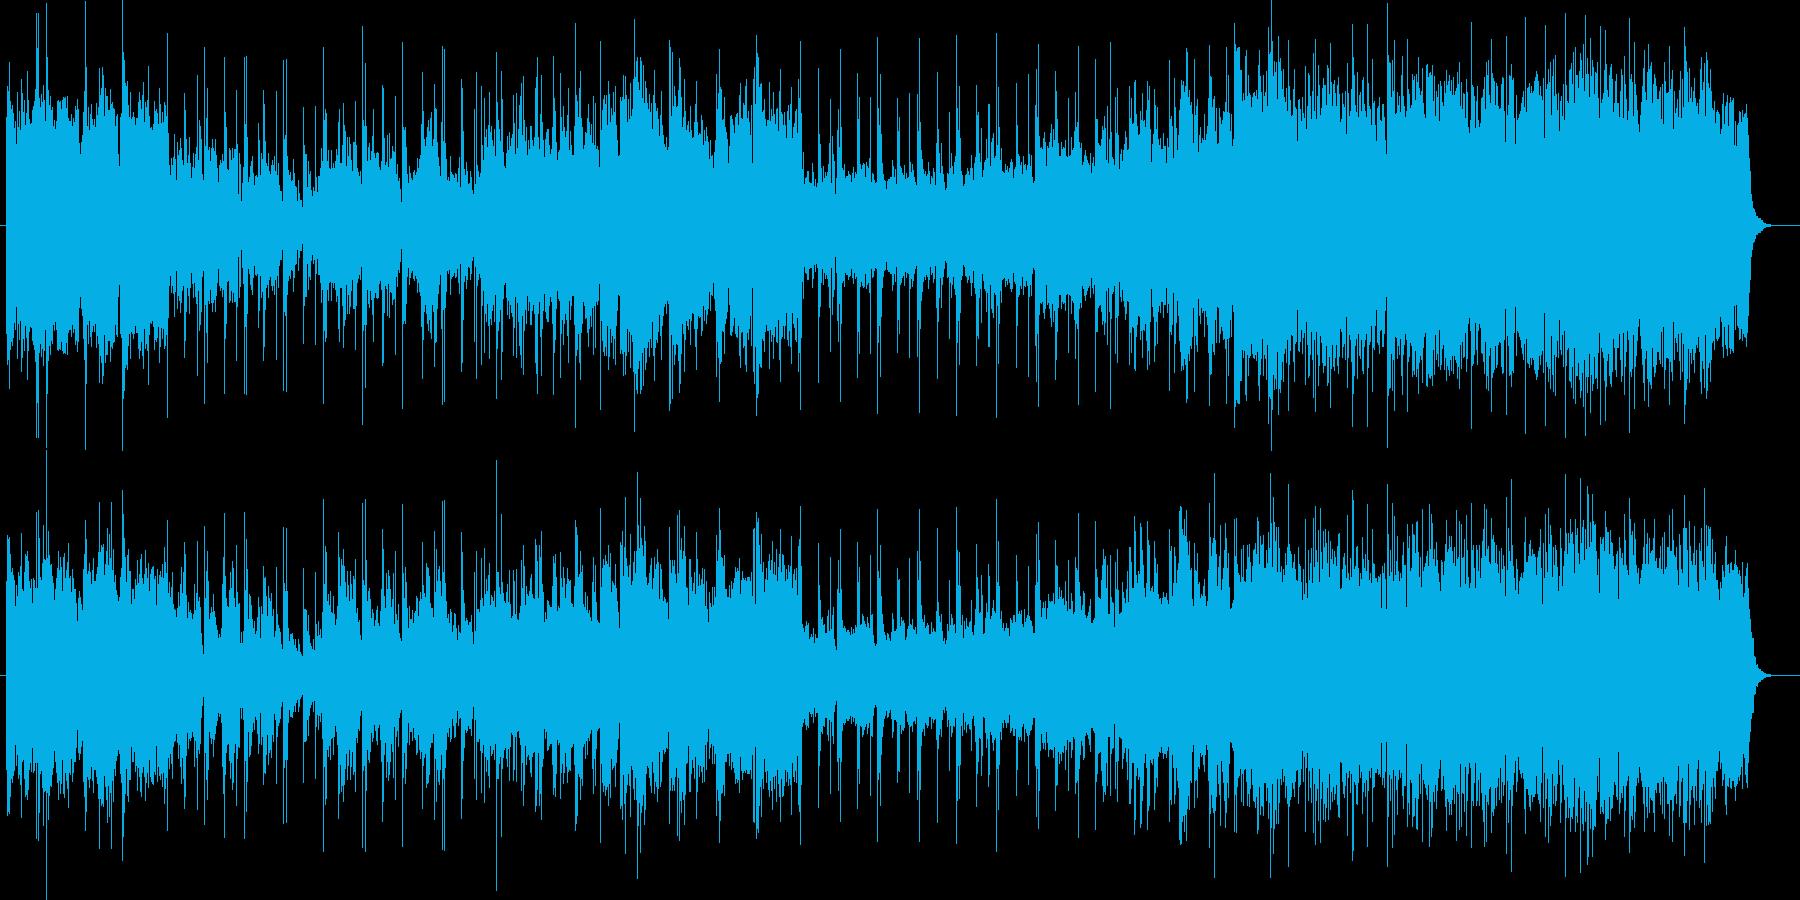 メリハリのある情熱ポップの再生済みの波形